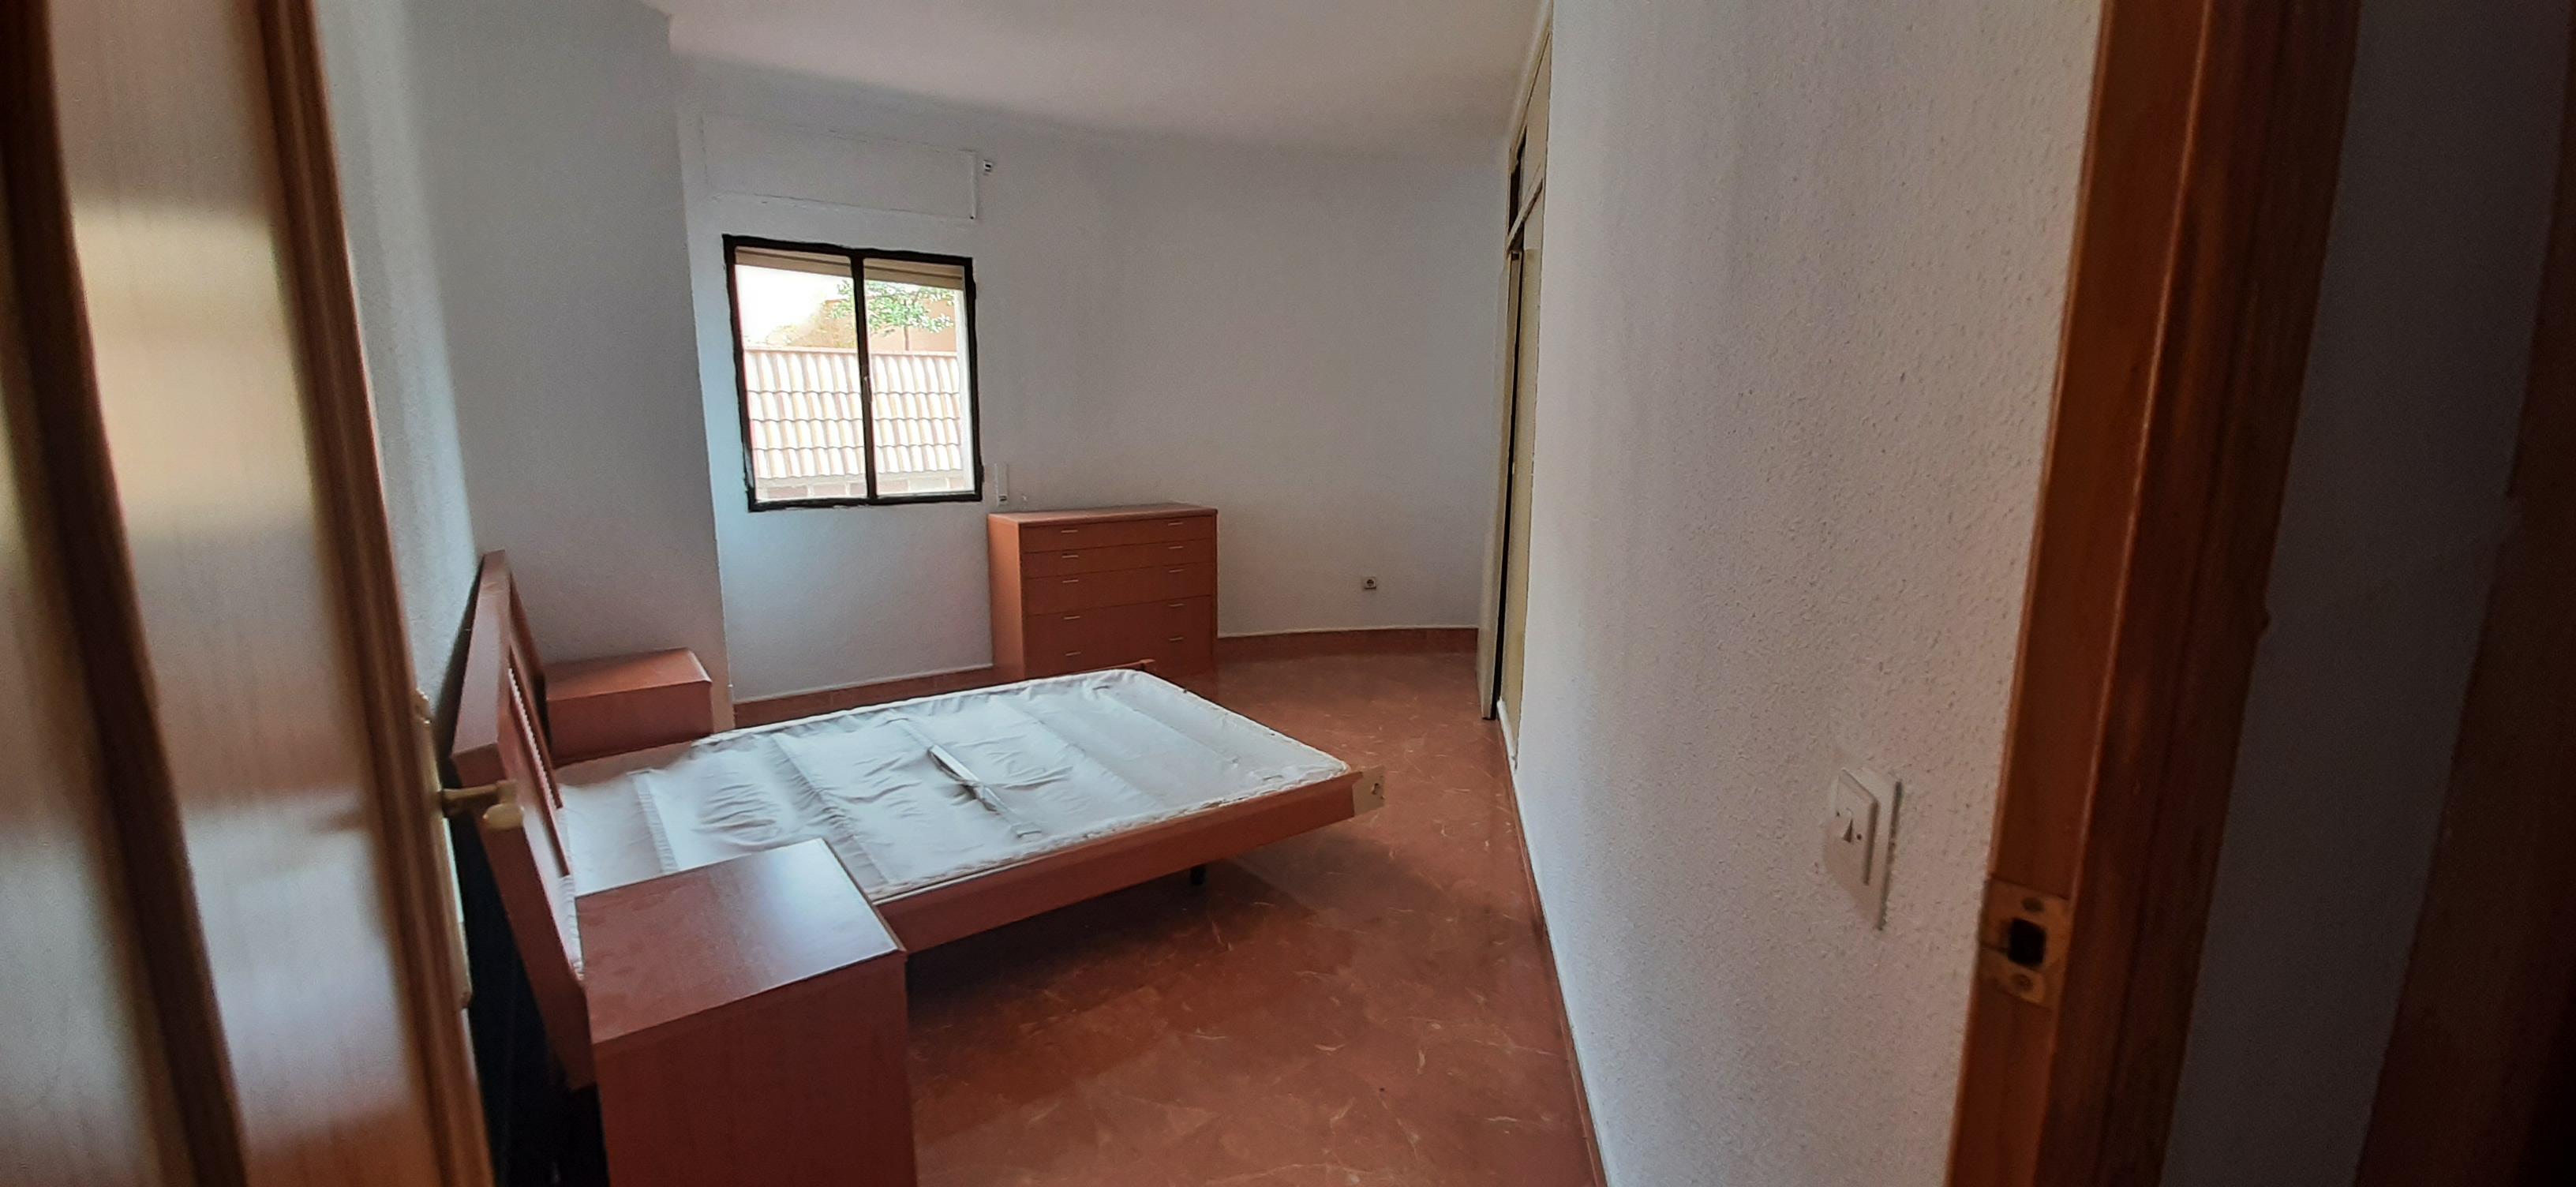 Piso en venta en Piso en Bailén, Jaén, 50.000 €, 4 habitaciones, 2 baños, 104 m2